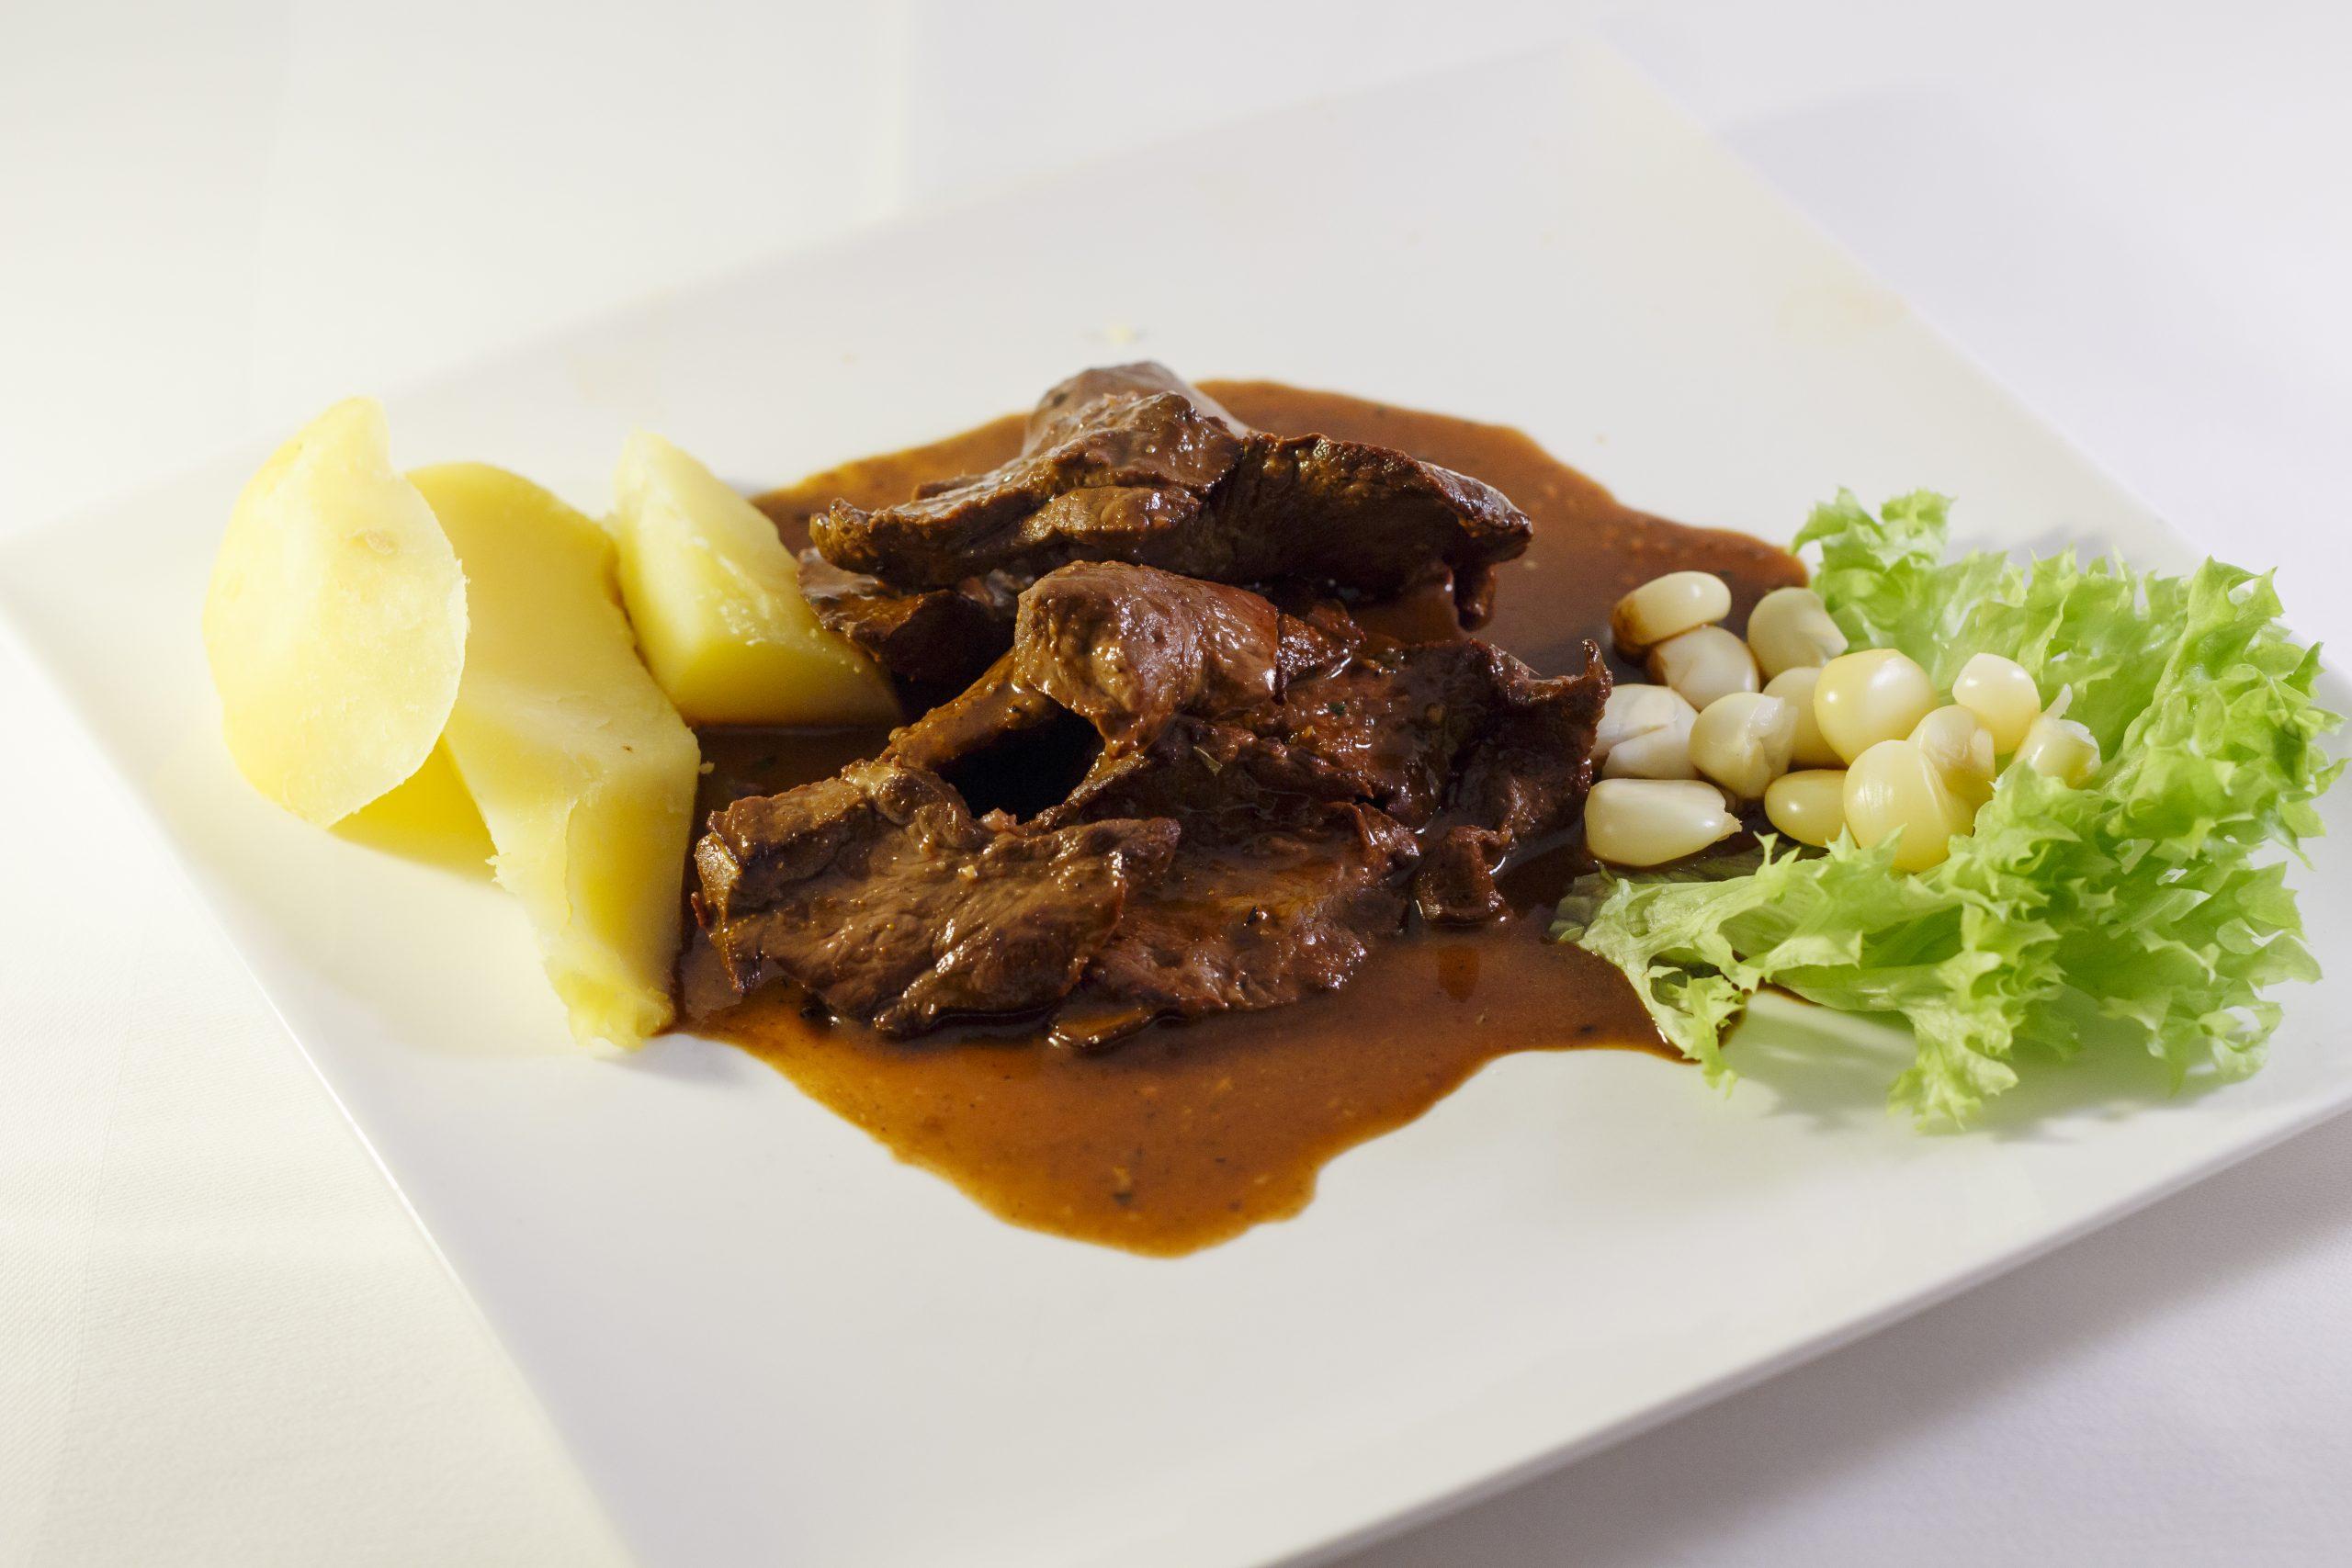 Peruaans vleesgerecht met aardappel bij Somos Peru Restaurant in Den Haag